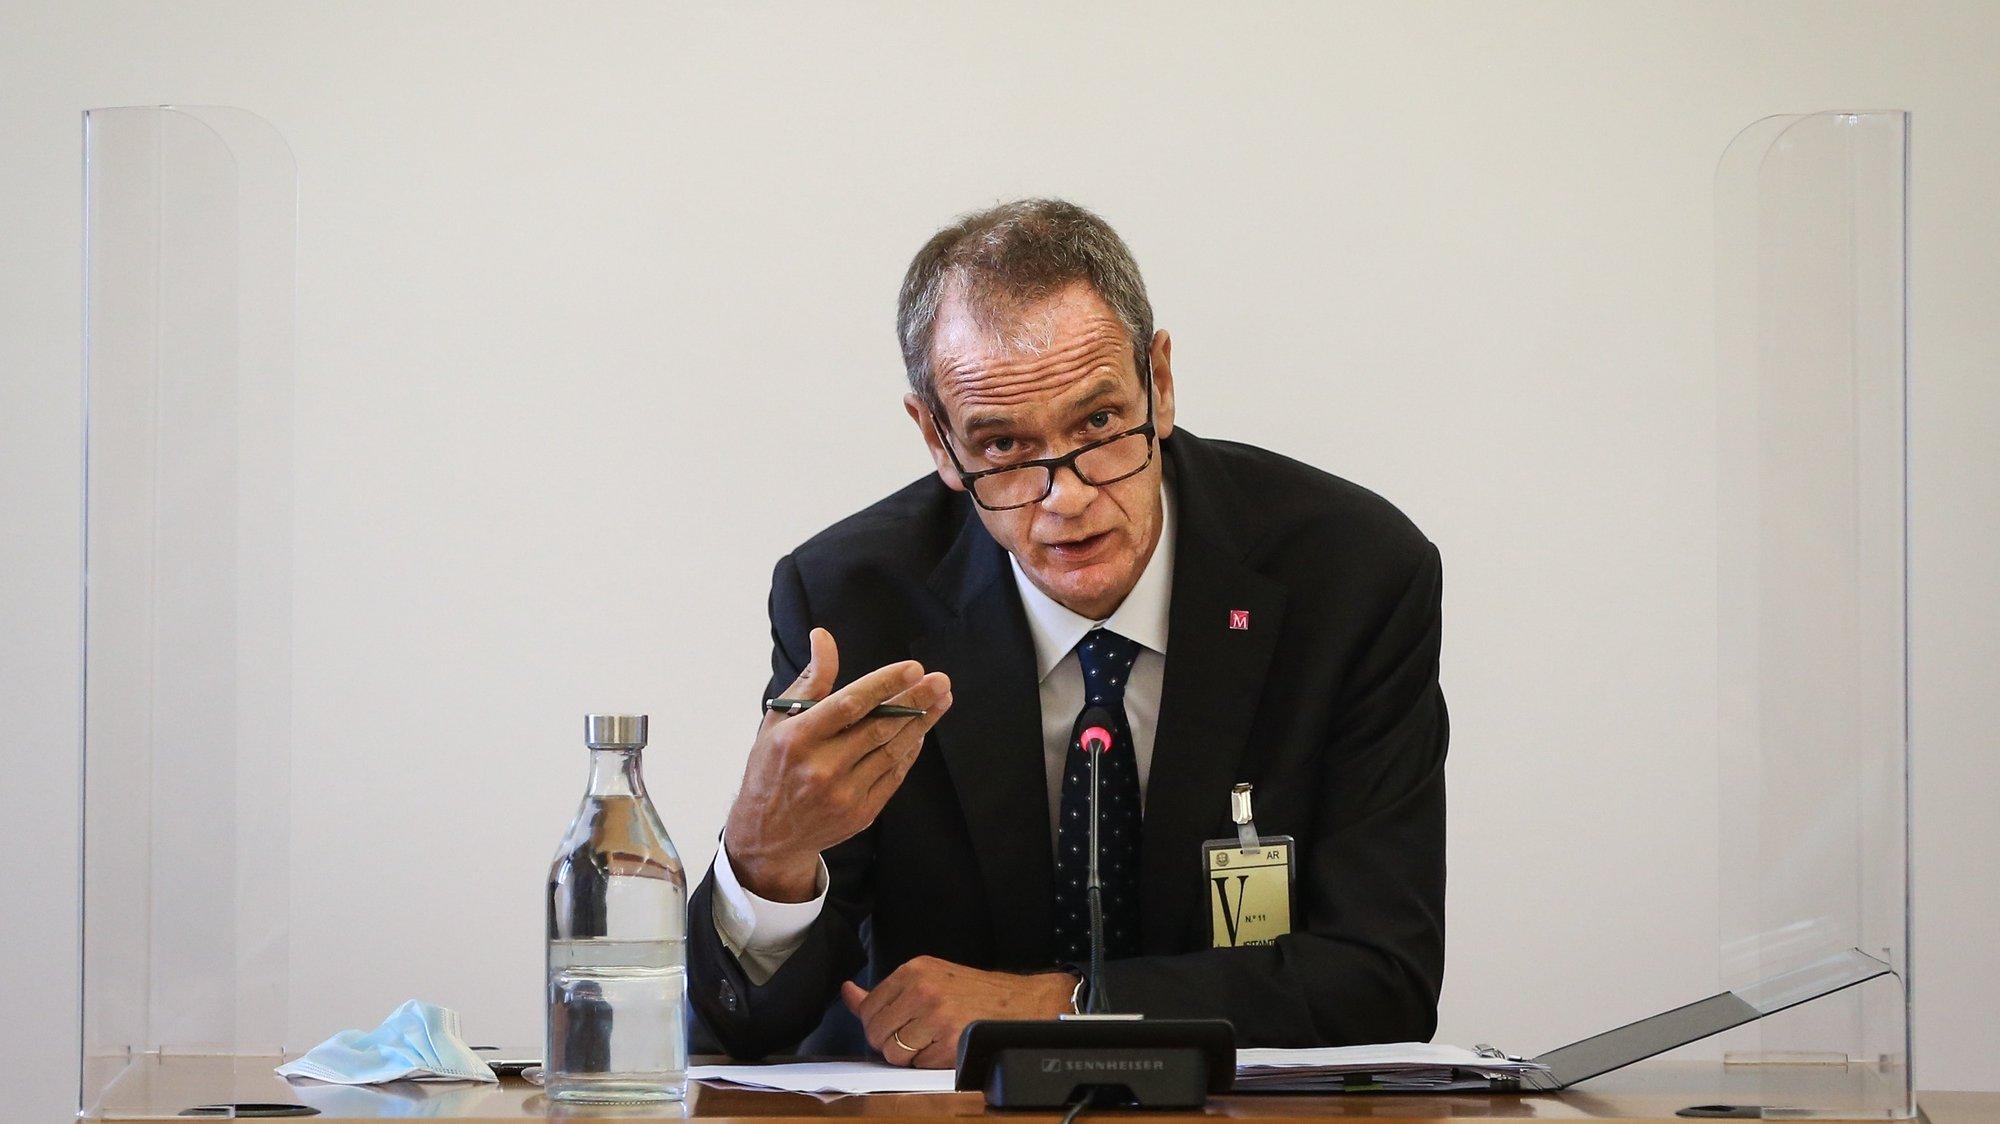 O presidente da Comissão Executiva do Millennium BCP, Miguel Maya, durante a sua audição na Comissão Eventual de Inquérito Parlamentar às perdas registadas pelo Novo Banco e imputadas ao Fundo de Resolução, na Assembleia da República, em Lisboa, 09 de junho de 2021.  RODRIGO ANTUNES/LUSA